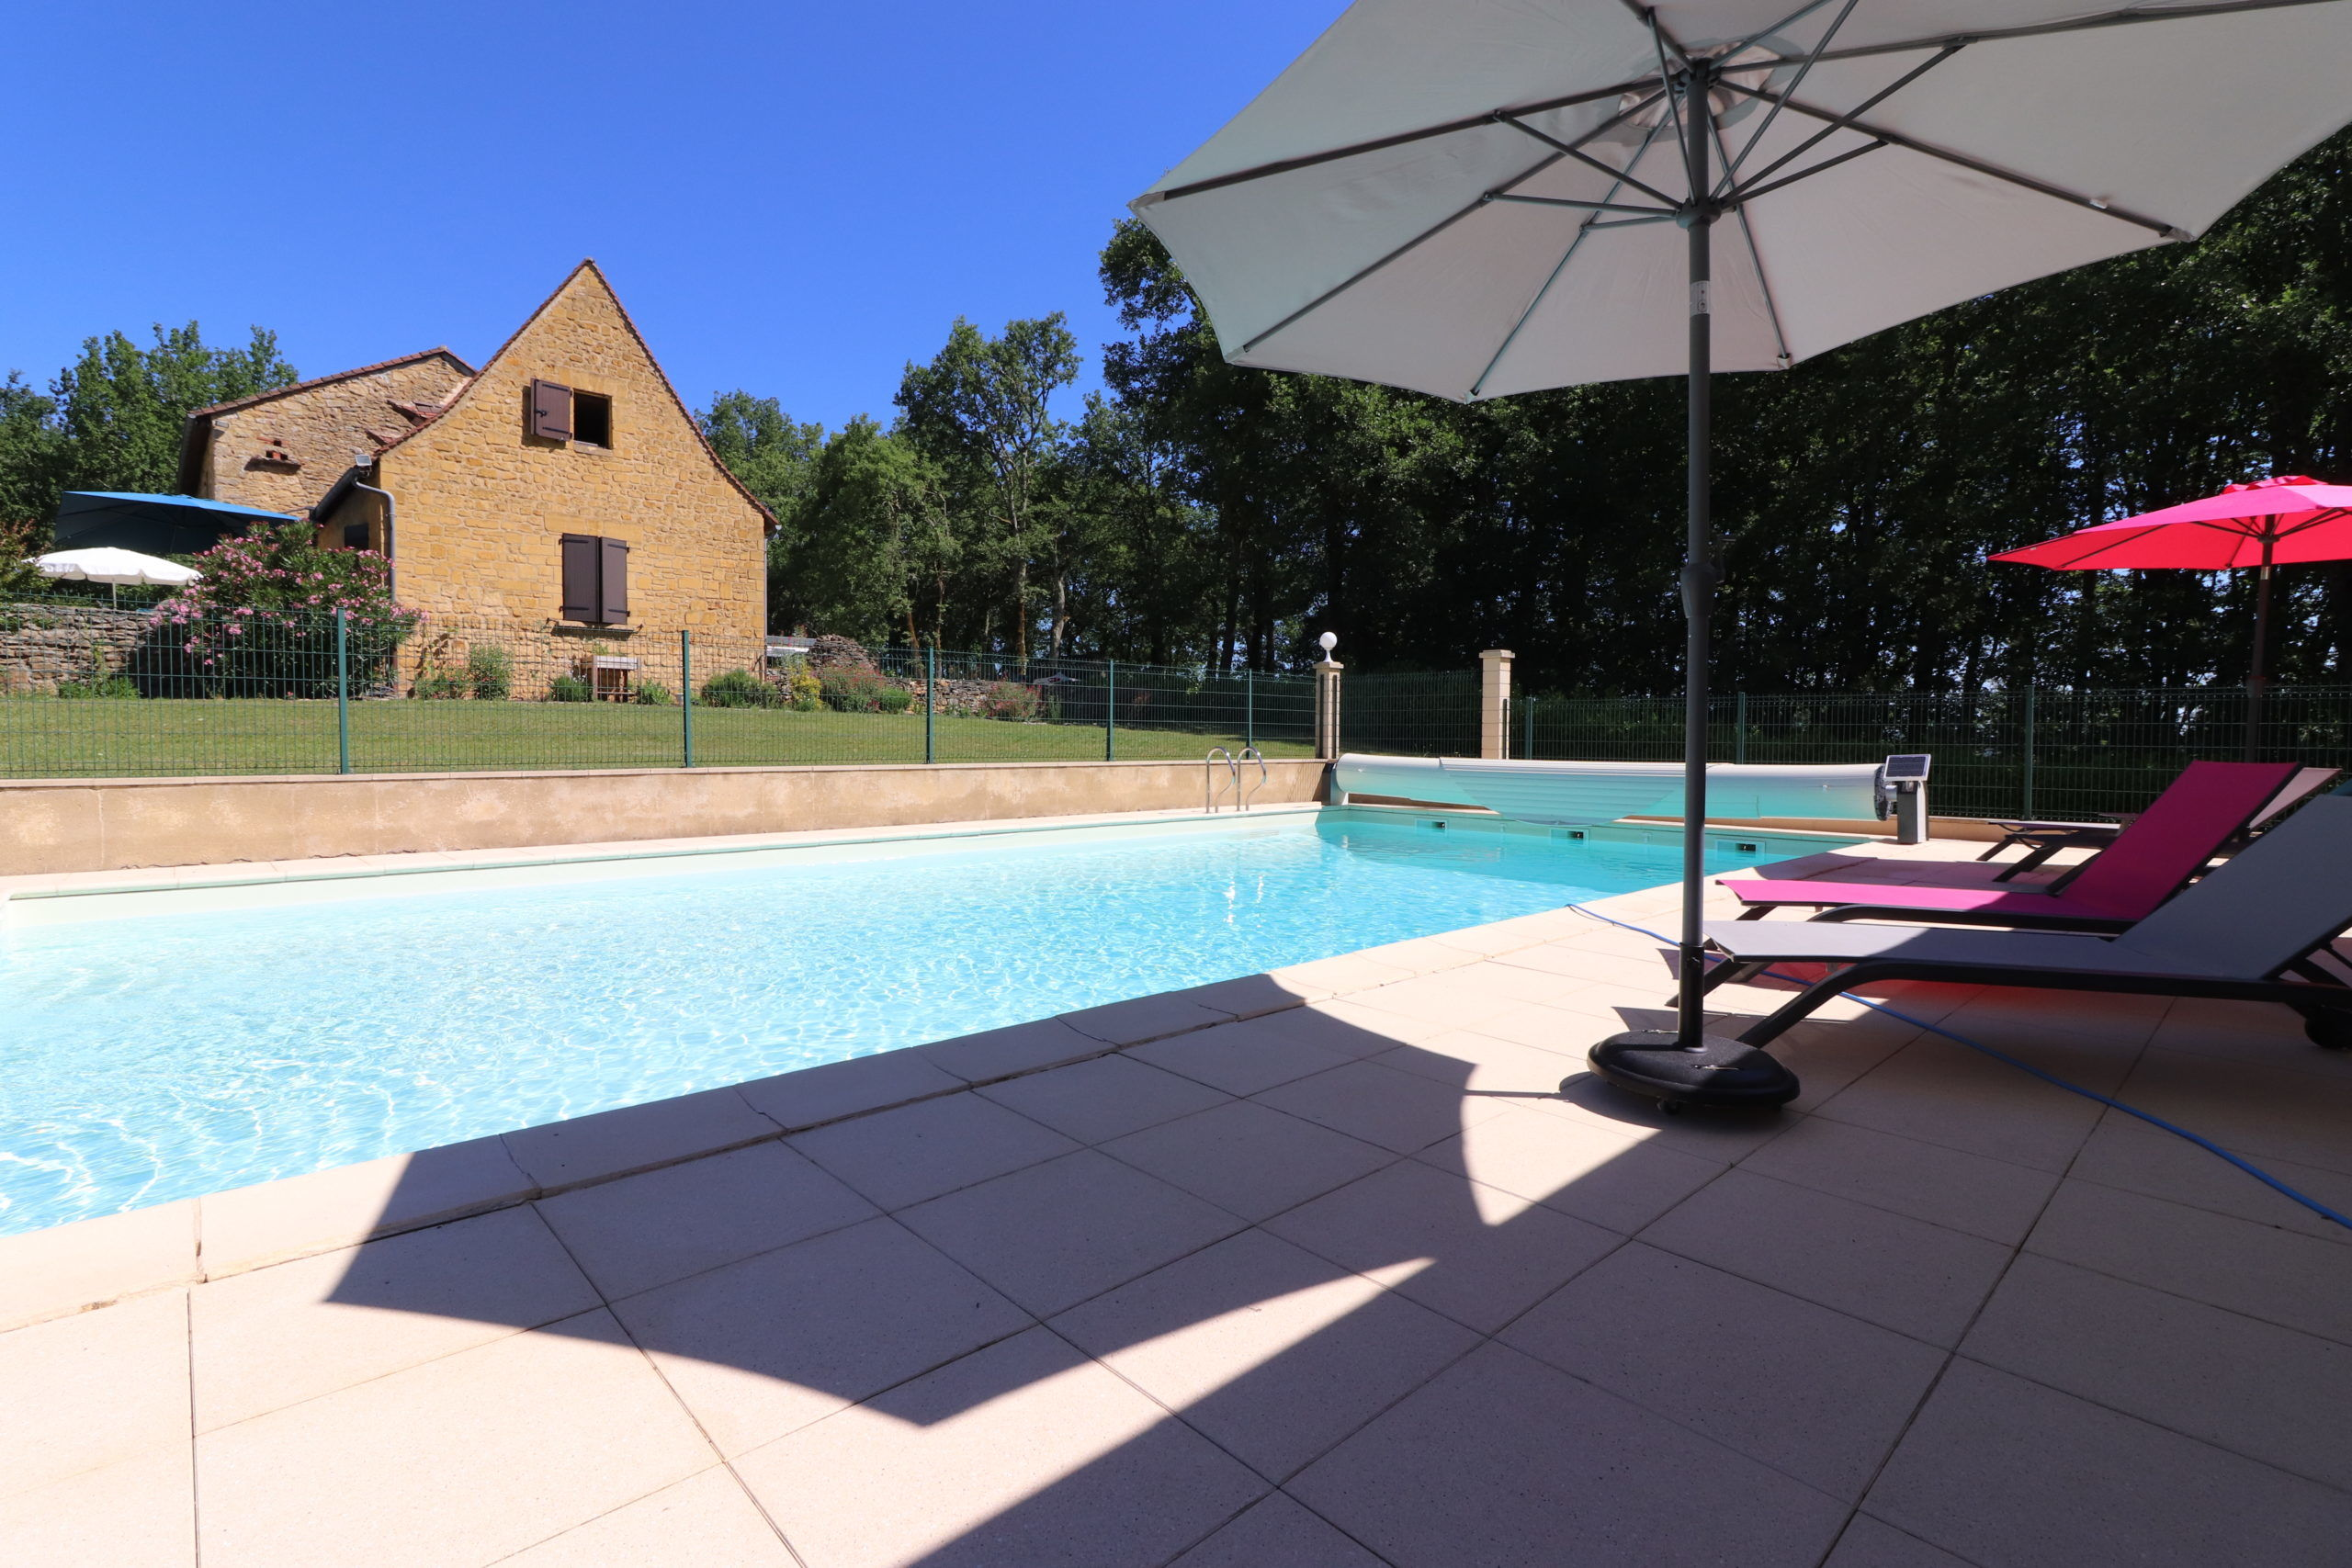 chambre-dhote-piscine-transat